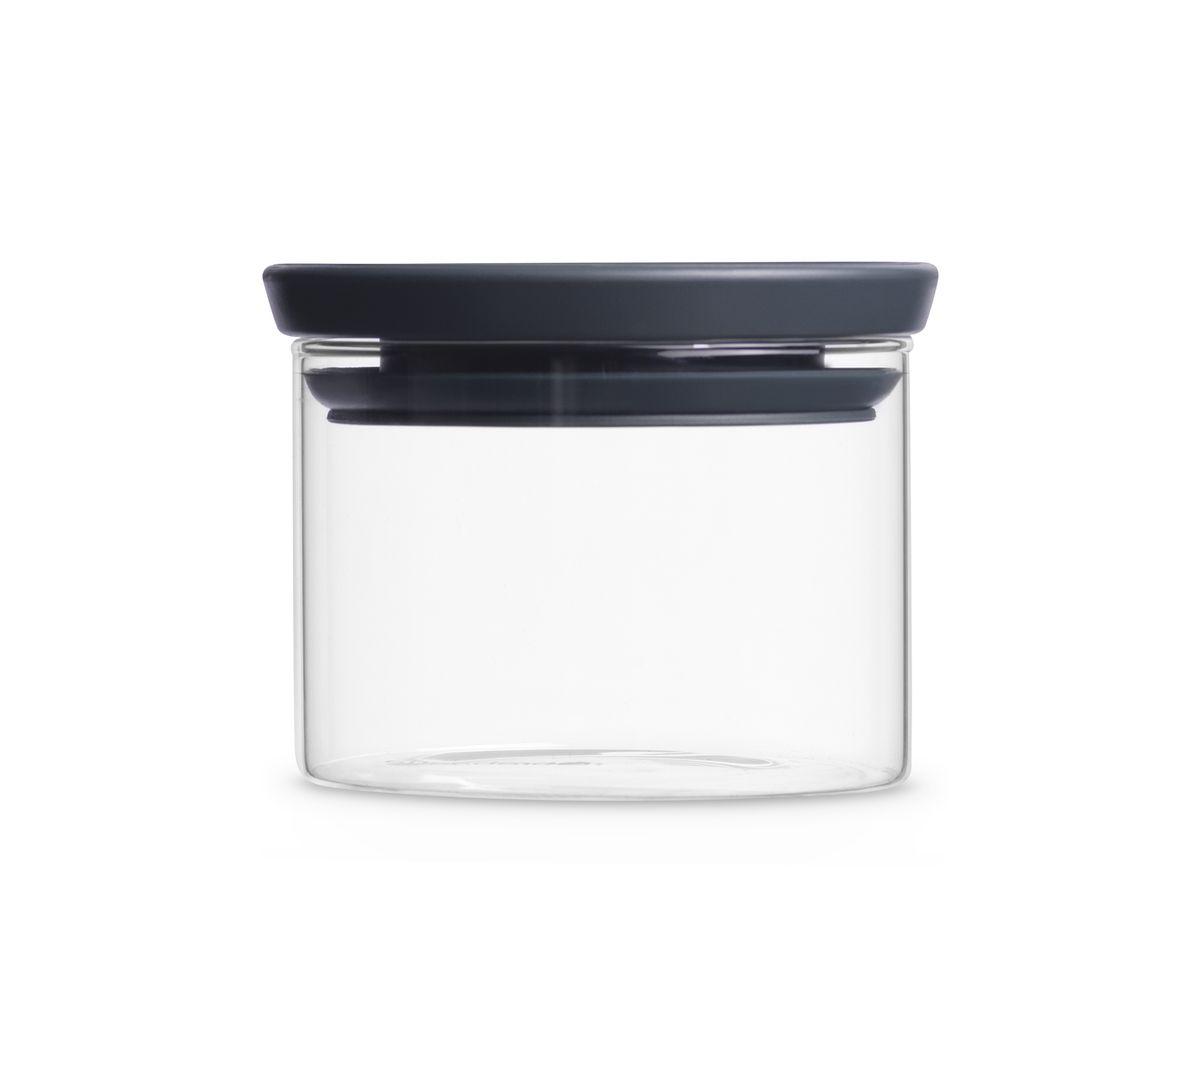 Банка для сыпучих продуктов Brabantia, 300 мл. 298301298301Экономия места – модульная конструкция: банки составляются одна на другую. Продукты дольше сохраняют свежесть – герметичная крышка. Хорошо видно содержимое и его объем – прозрачное стекло. Легко моются – банки и крышки можно мыть в посудомоечной машине.